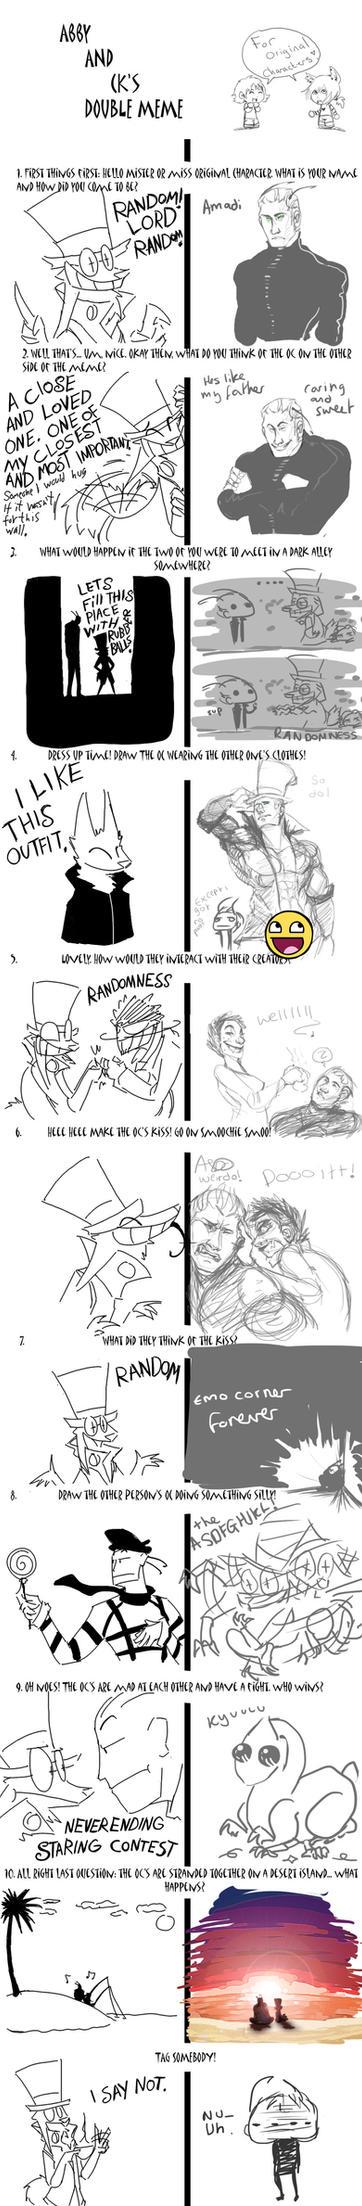 The random oc double meme by Donlvir